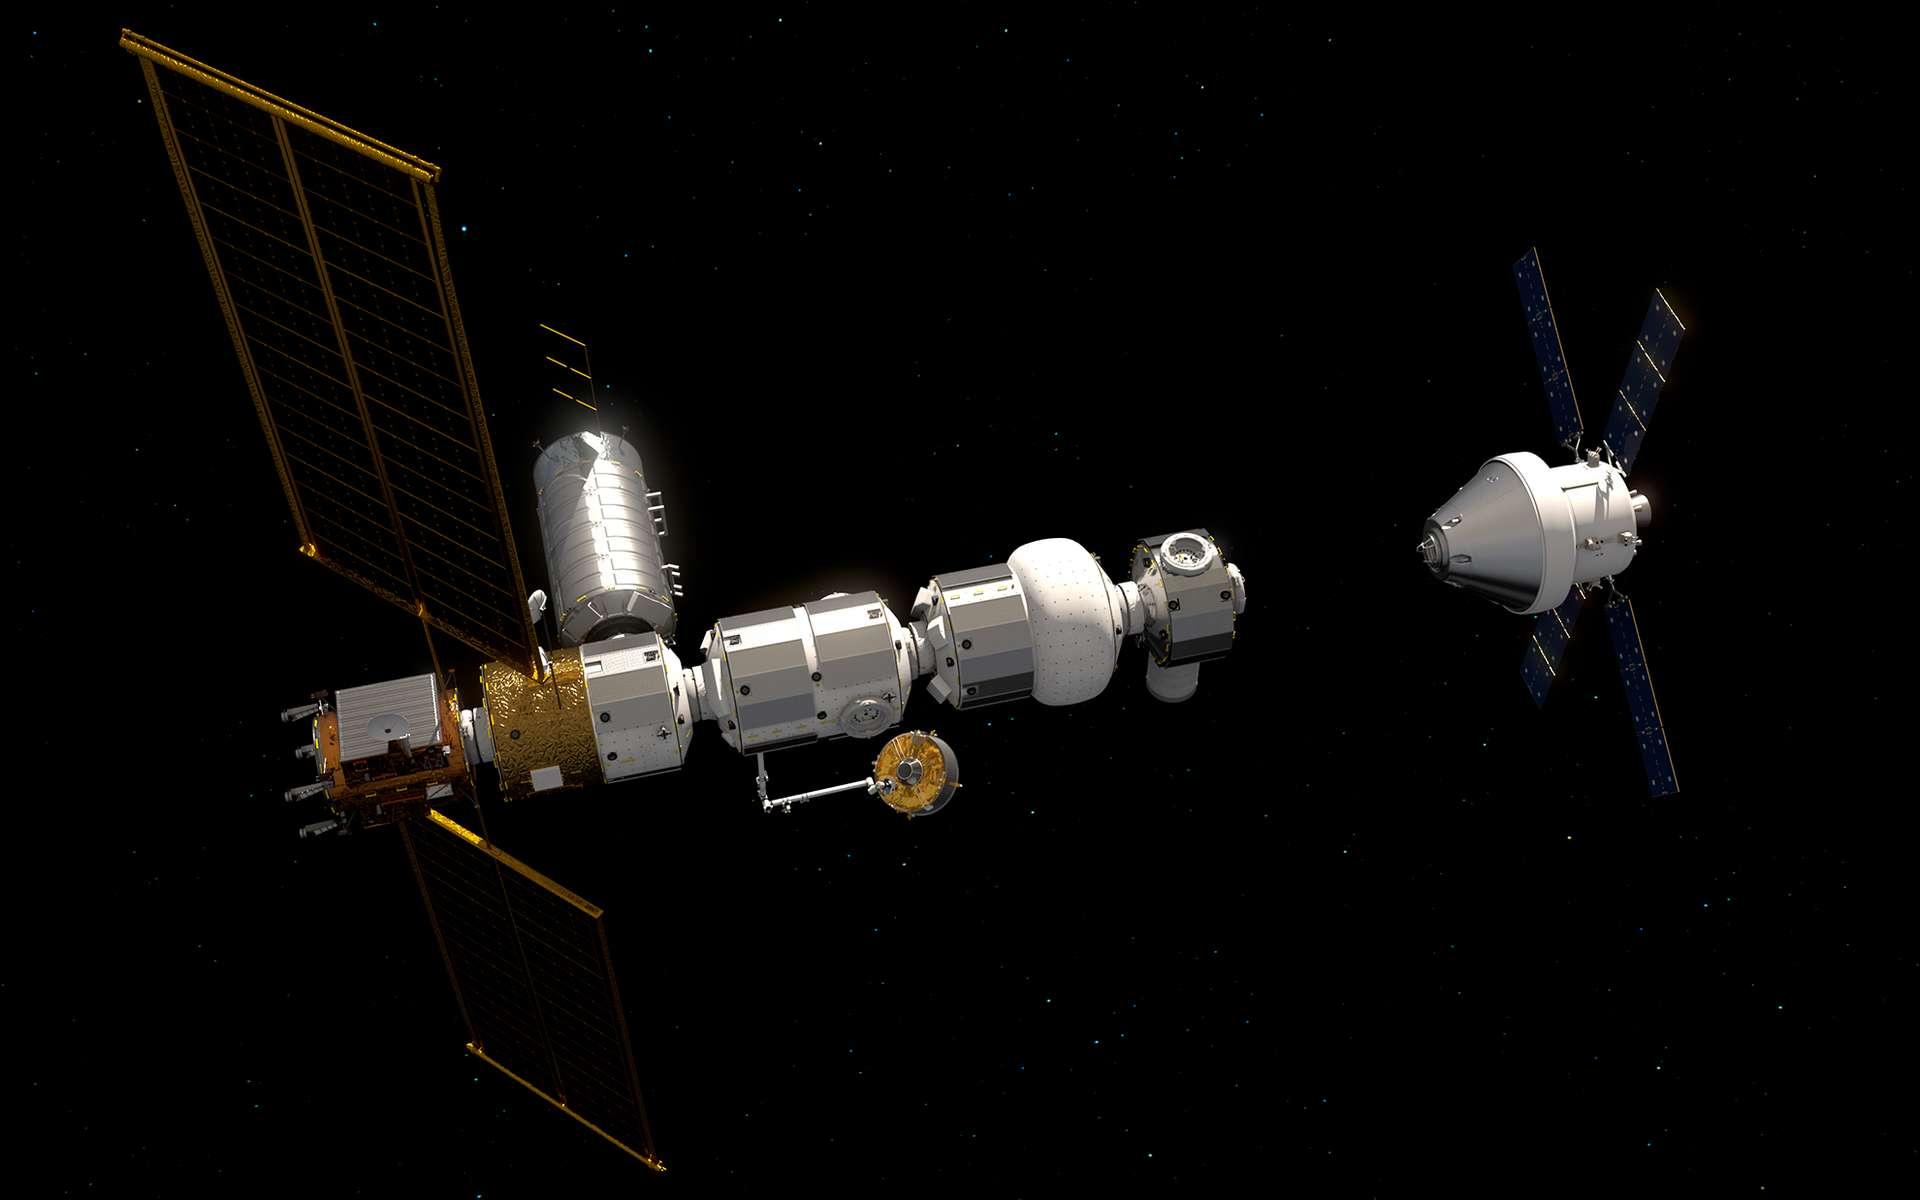 Le Gateway, avec le module Heracles de l'ESA et le véhicule Orion. © ESA, ATG Medialab